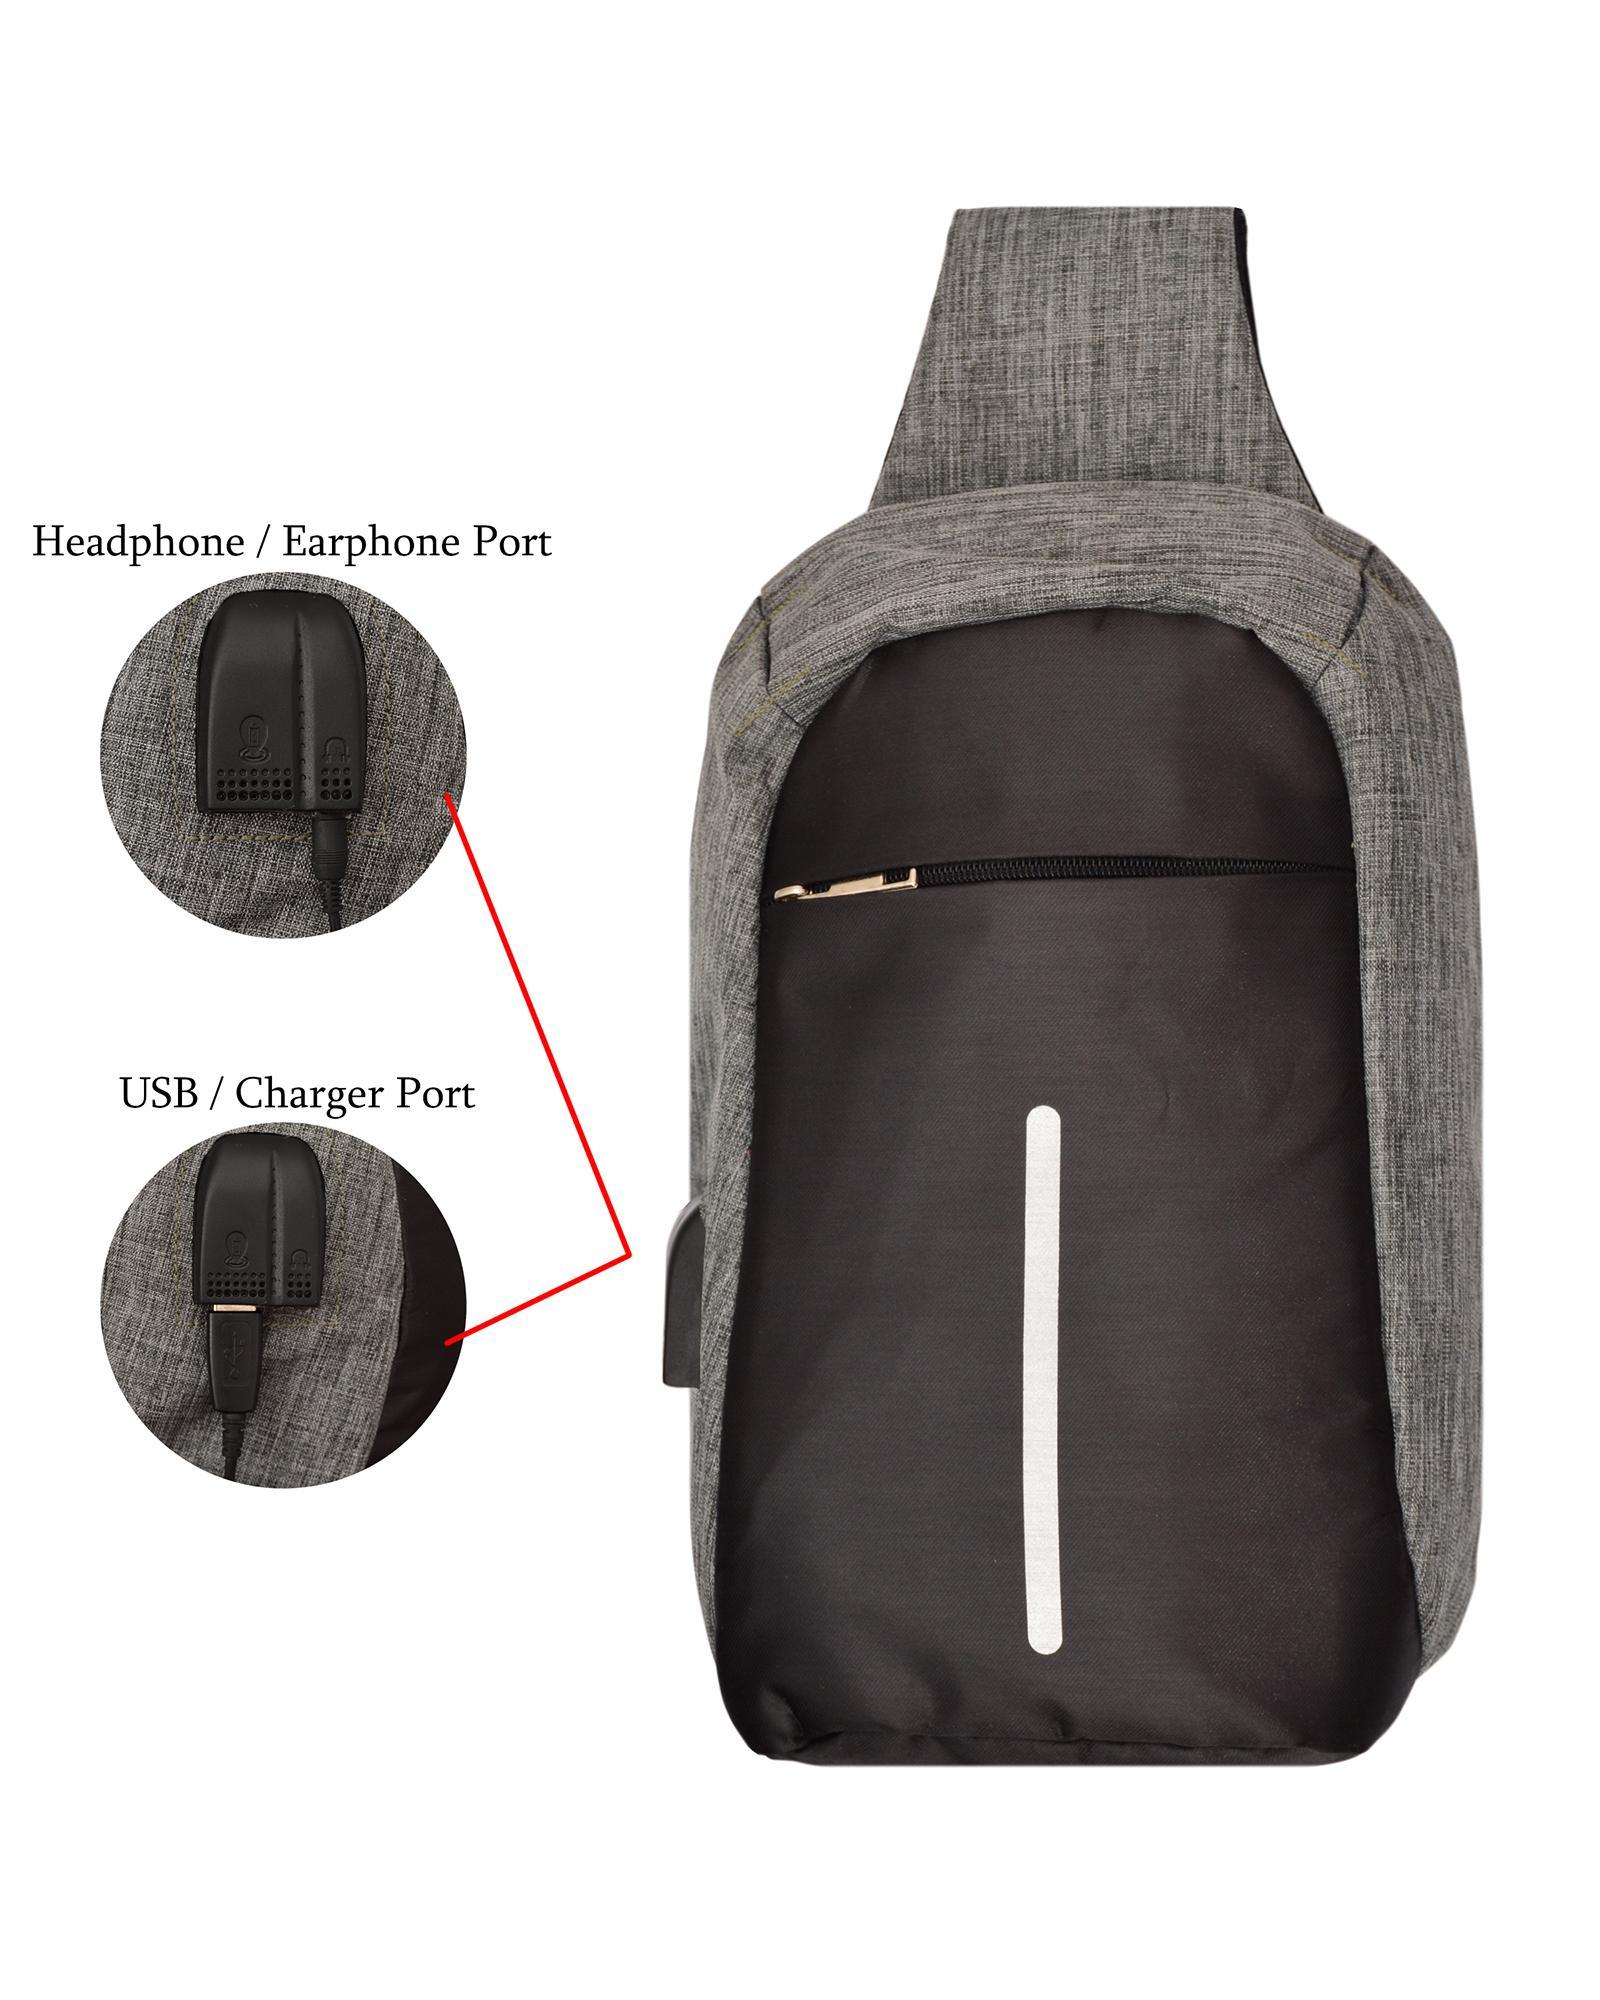 Kelebihan Tas Slempang Crossbody Waistbag Sling Bag Key Anti Theft Travel Waist Maling Detail Gambar Usb Dan Earphone Port Selempang Import Thief Charge Terbaru